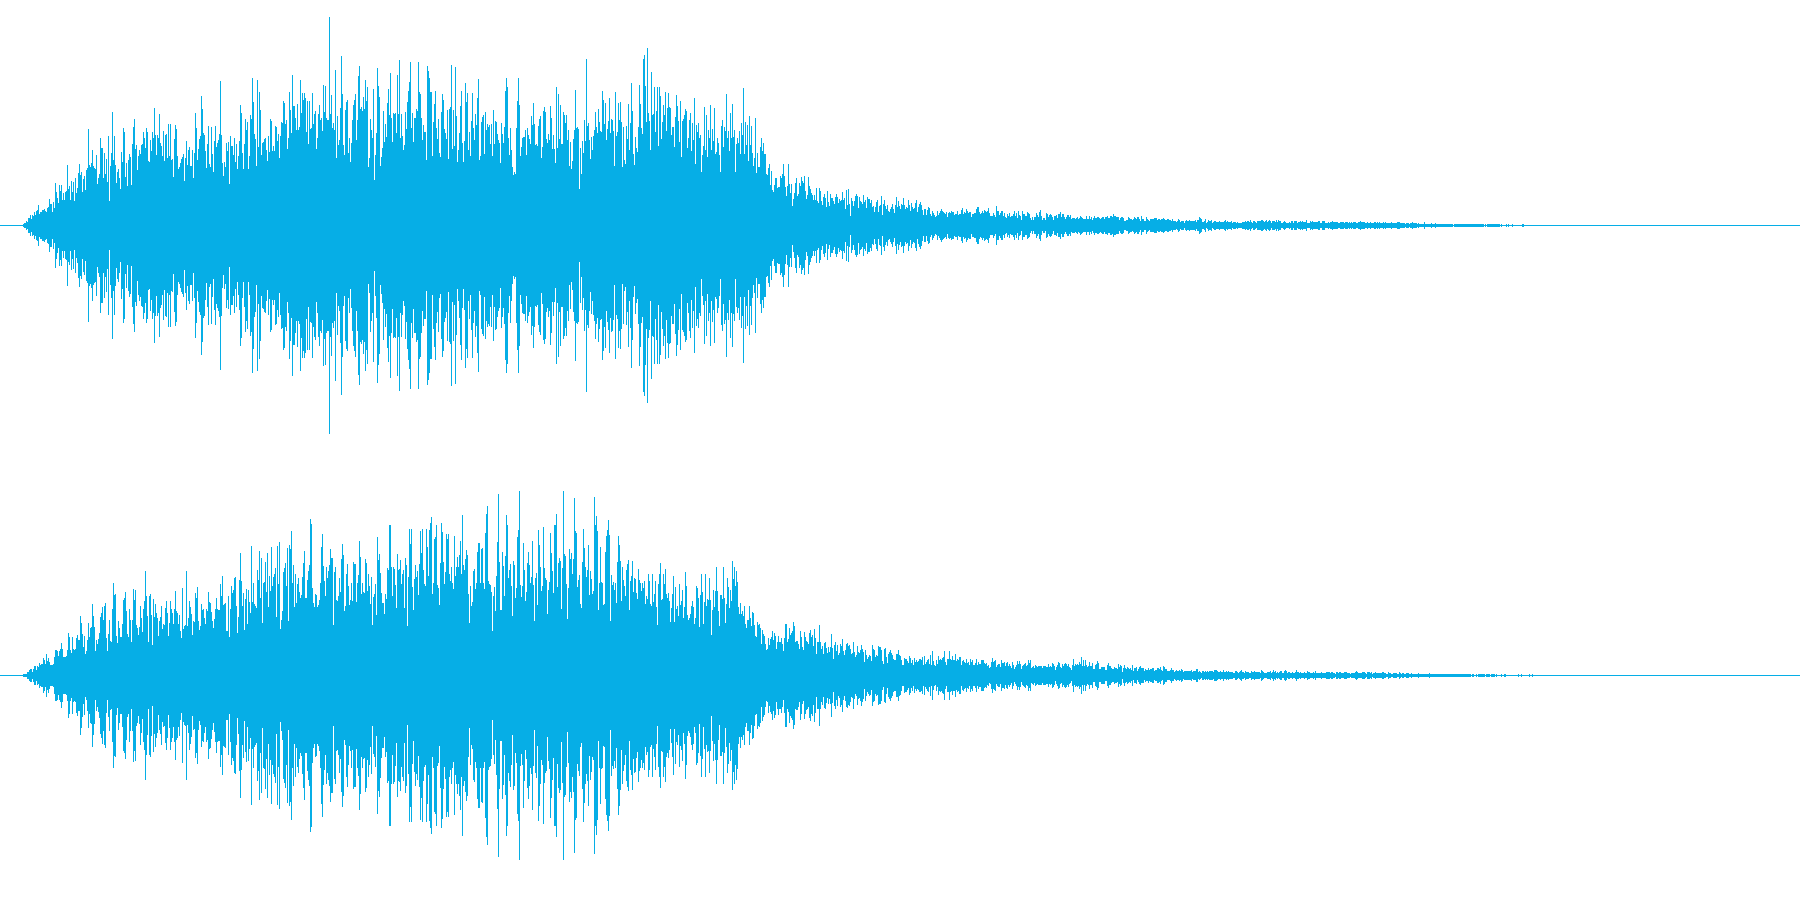 ストリングス不協和音 ホラーや恐怖の演出の再生済みの波形